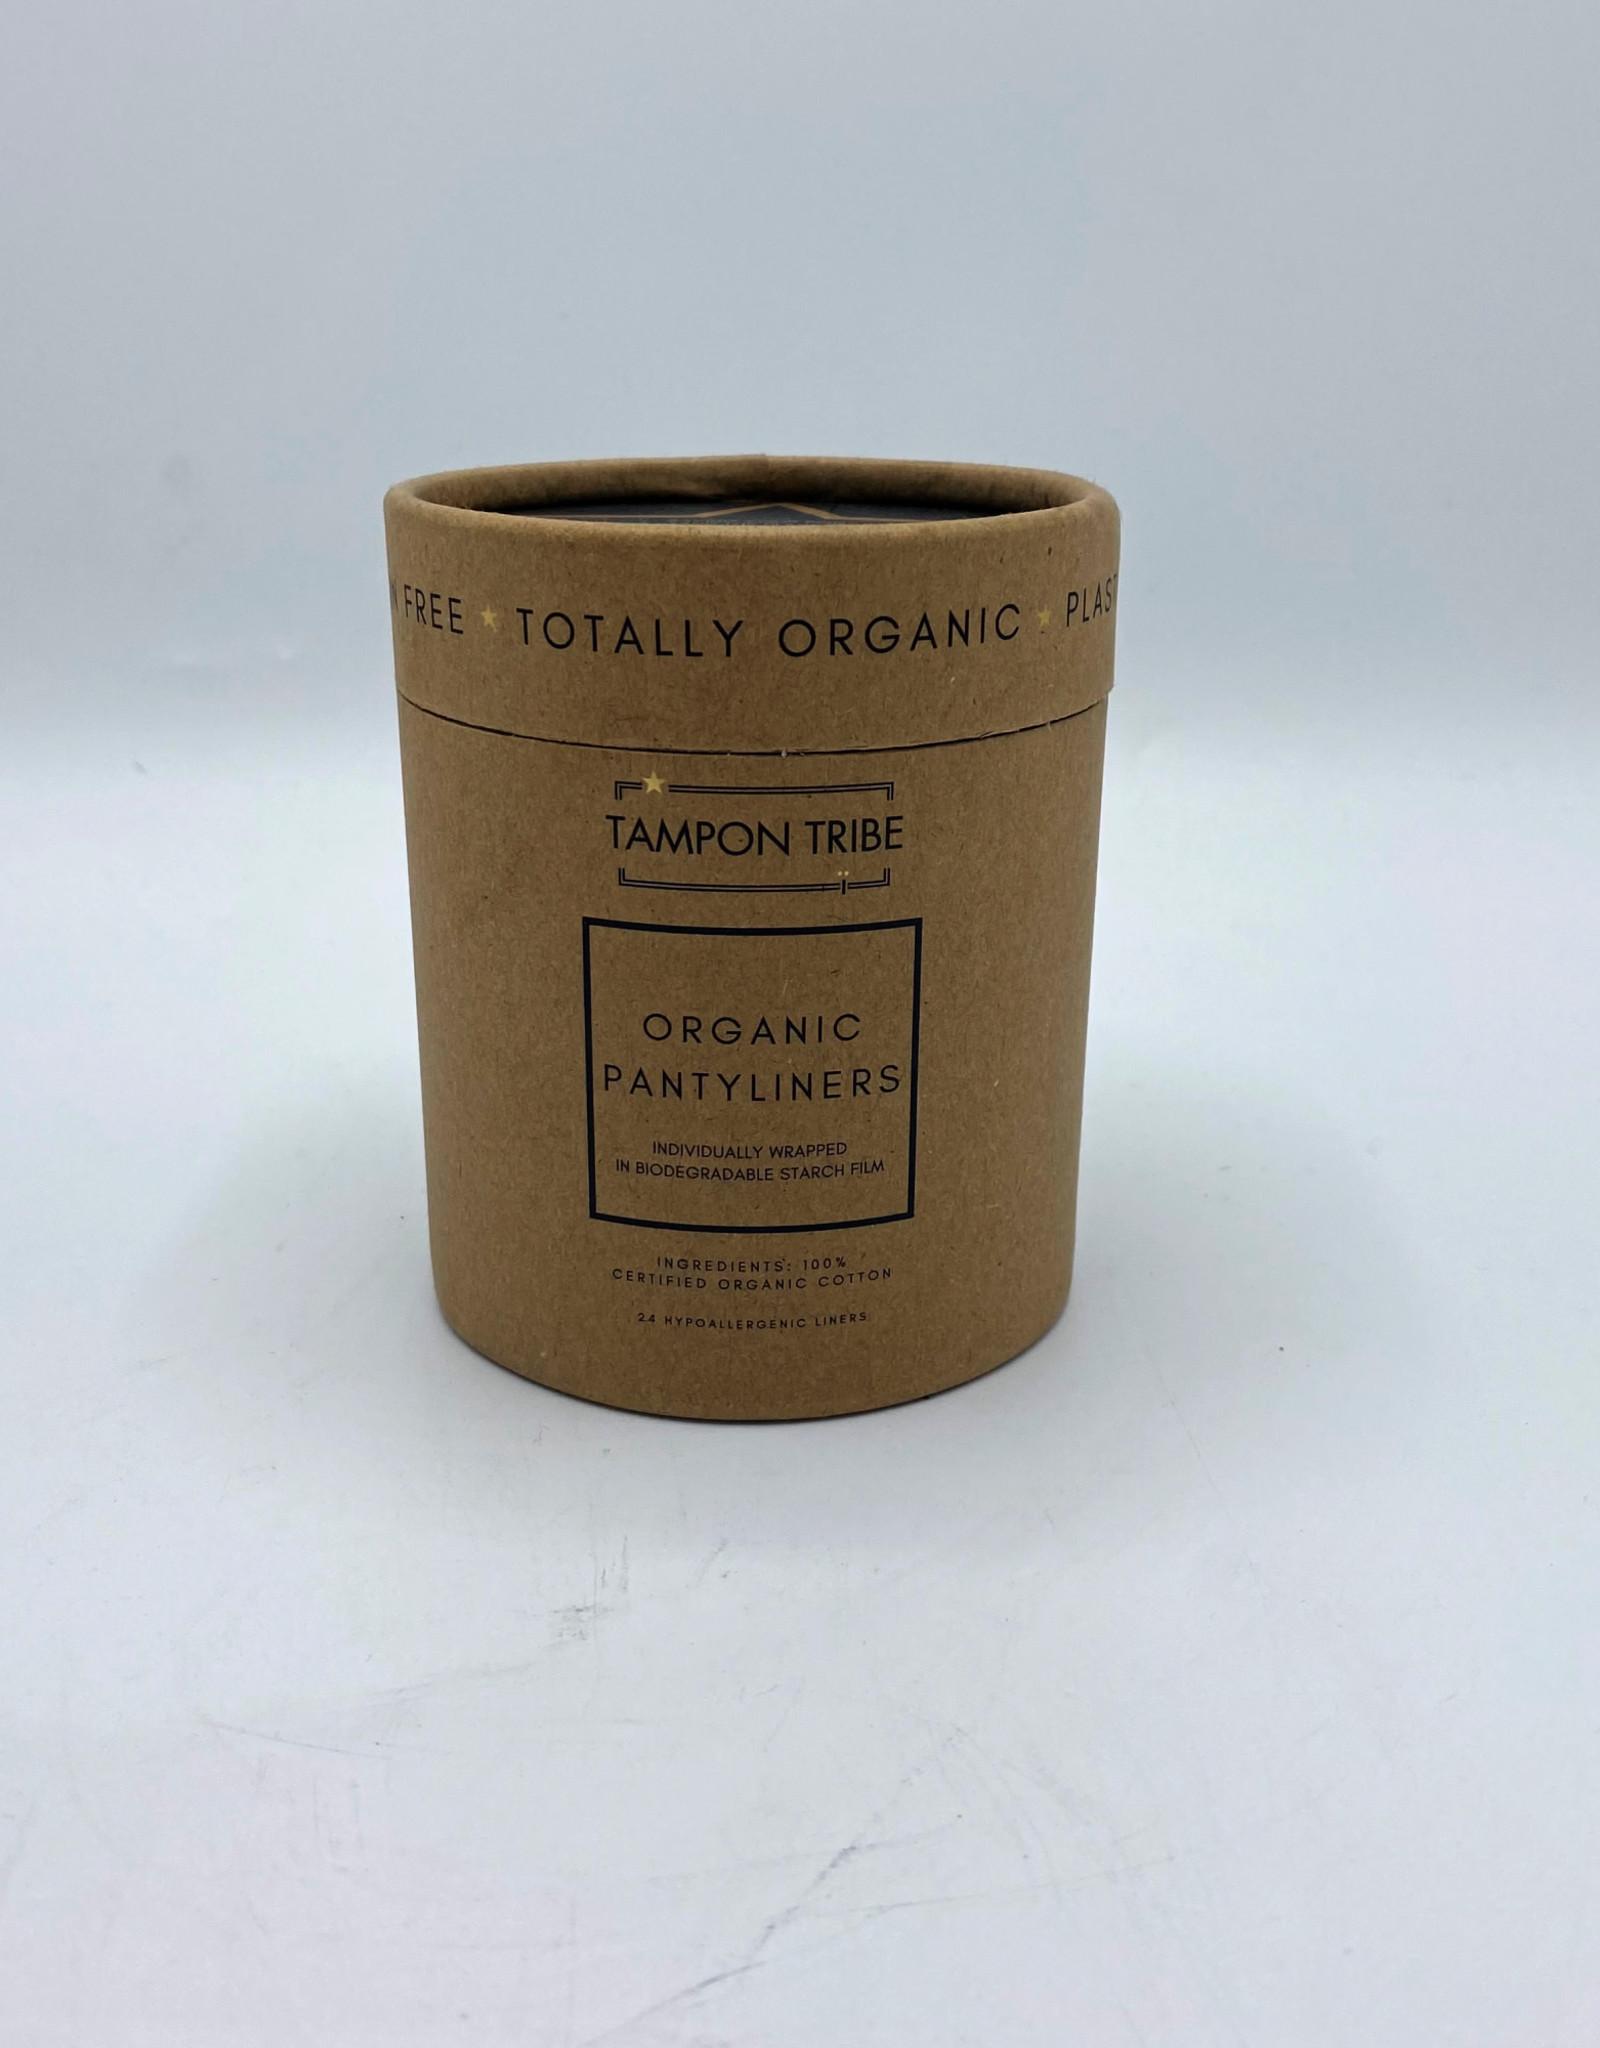 Tampon Tribe Organic Pantyliner